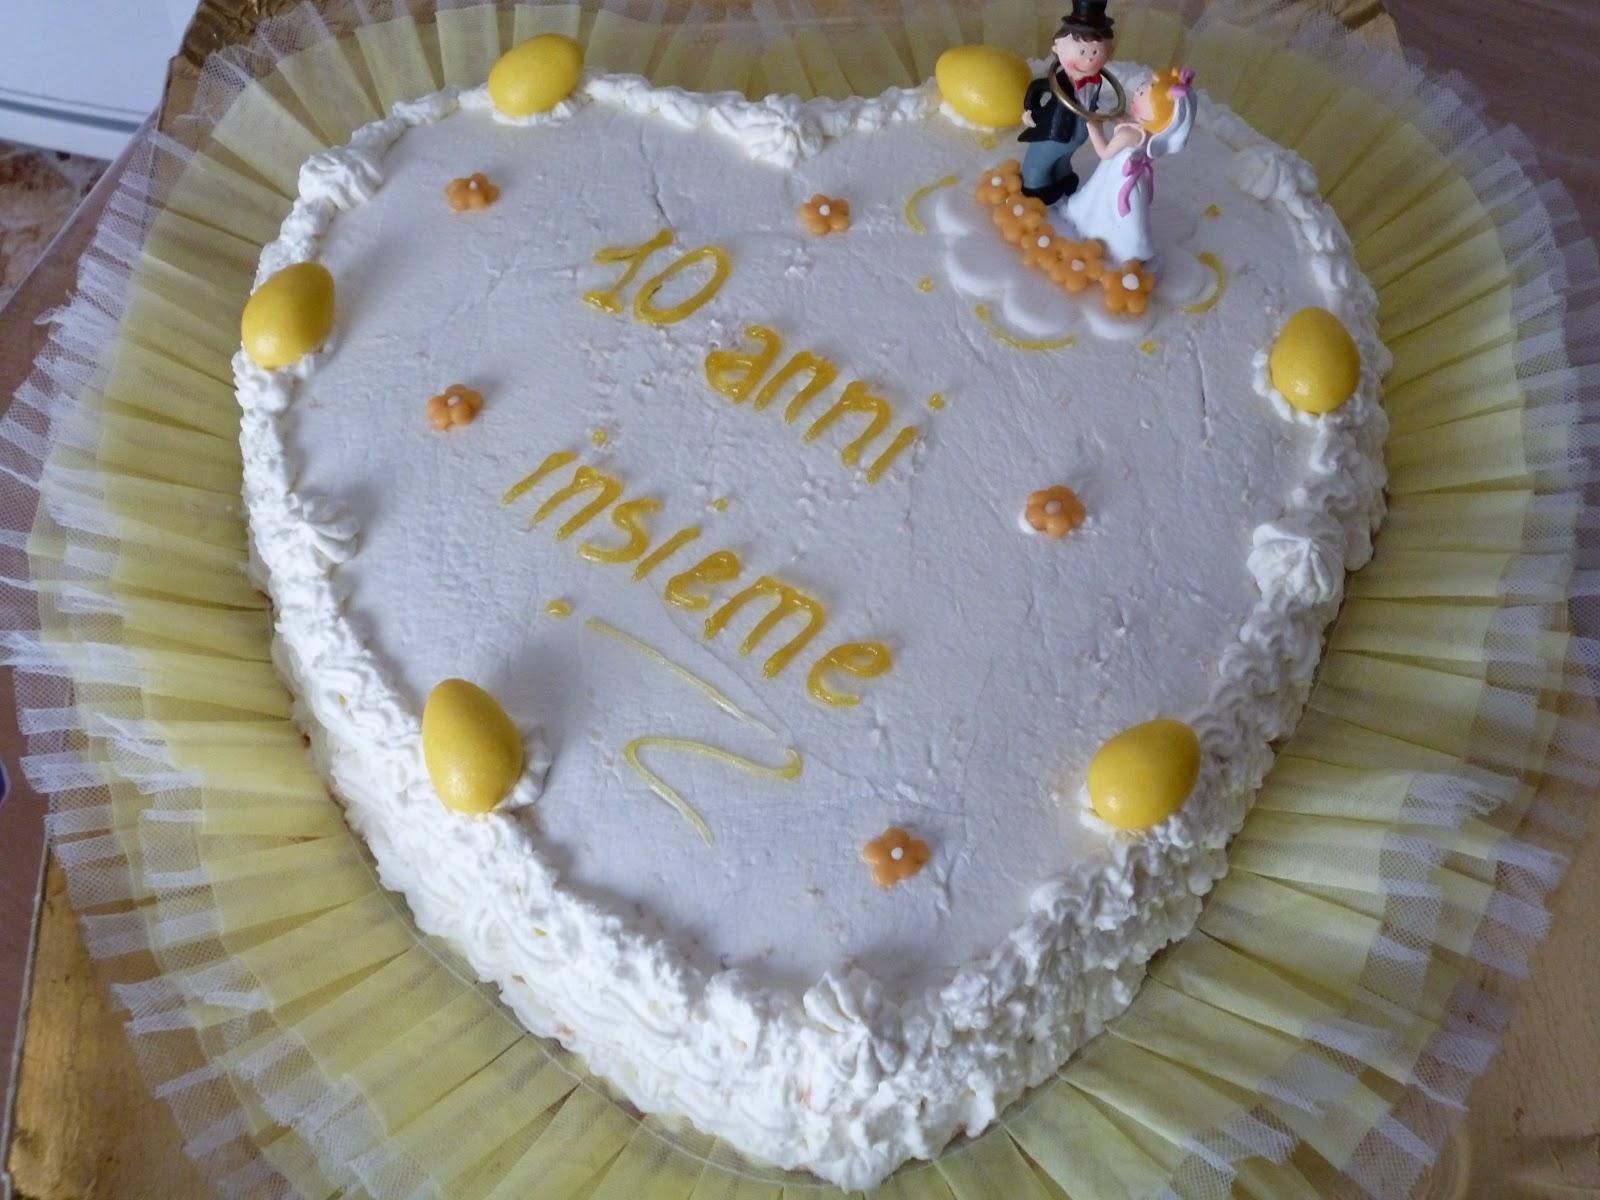 Torte per anniversario di matrimonio xb58 regardsdefemmes for Decorazione torte per 50 anni di matrimonio